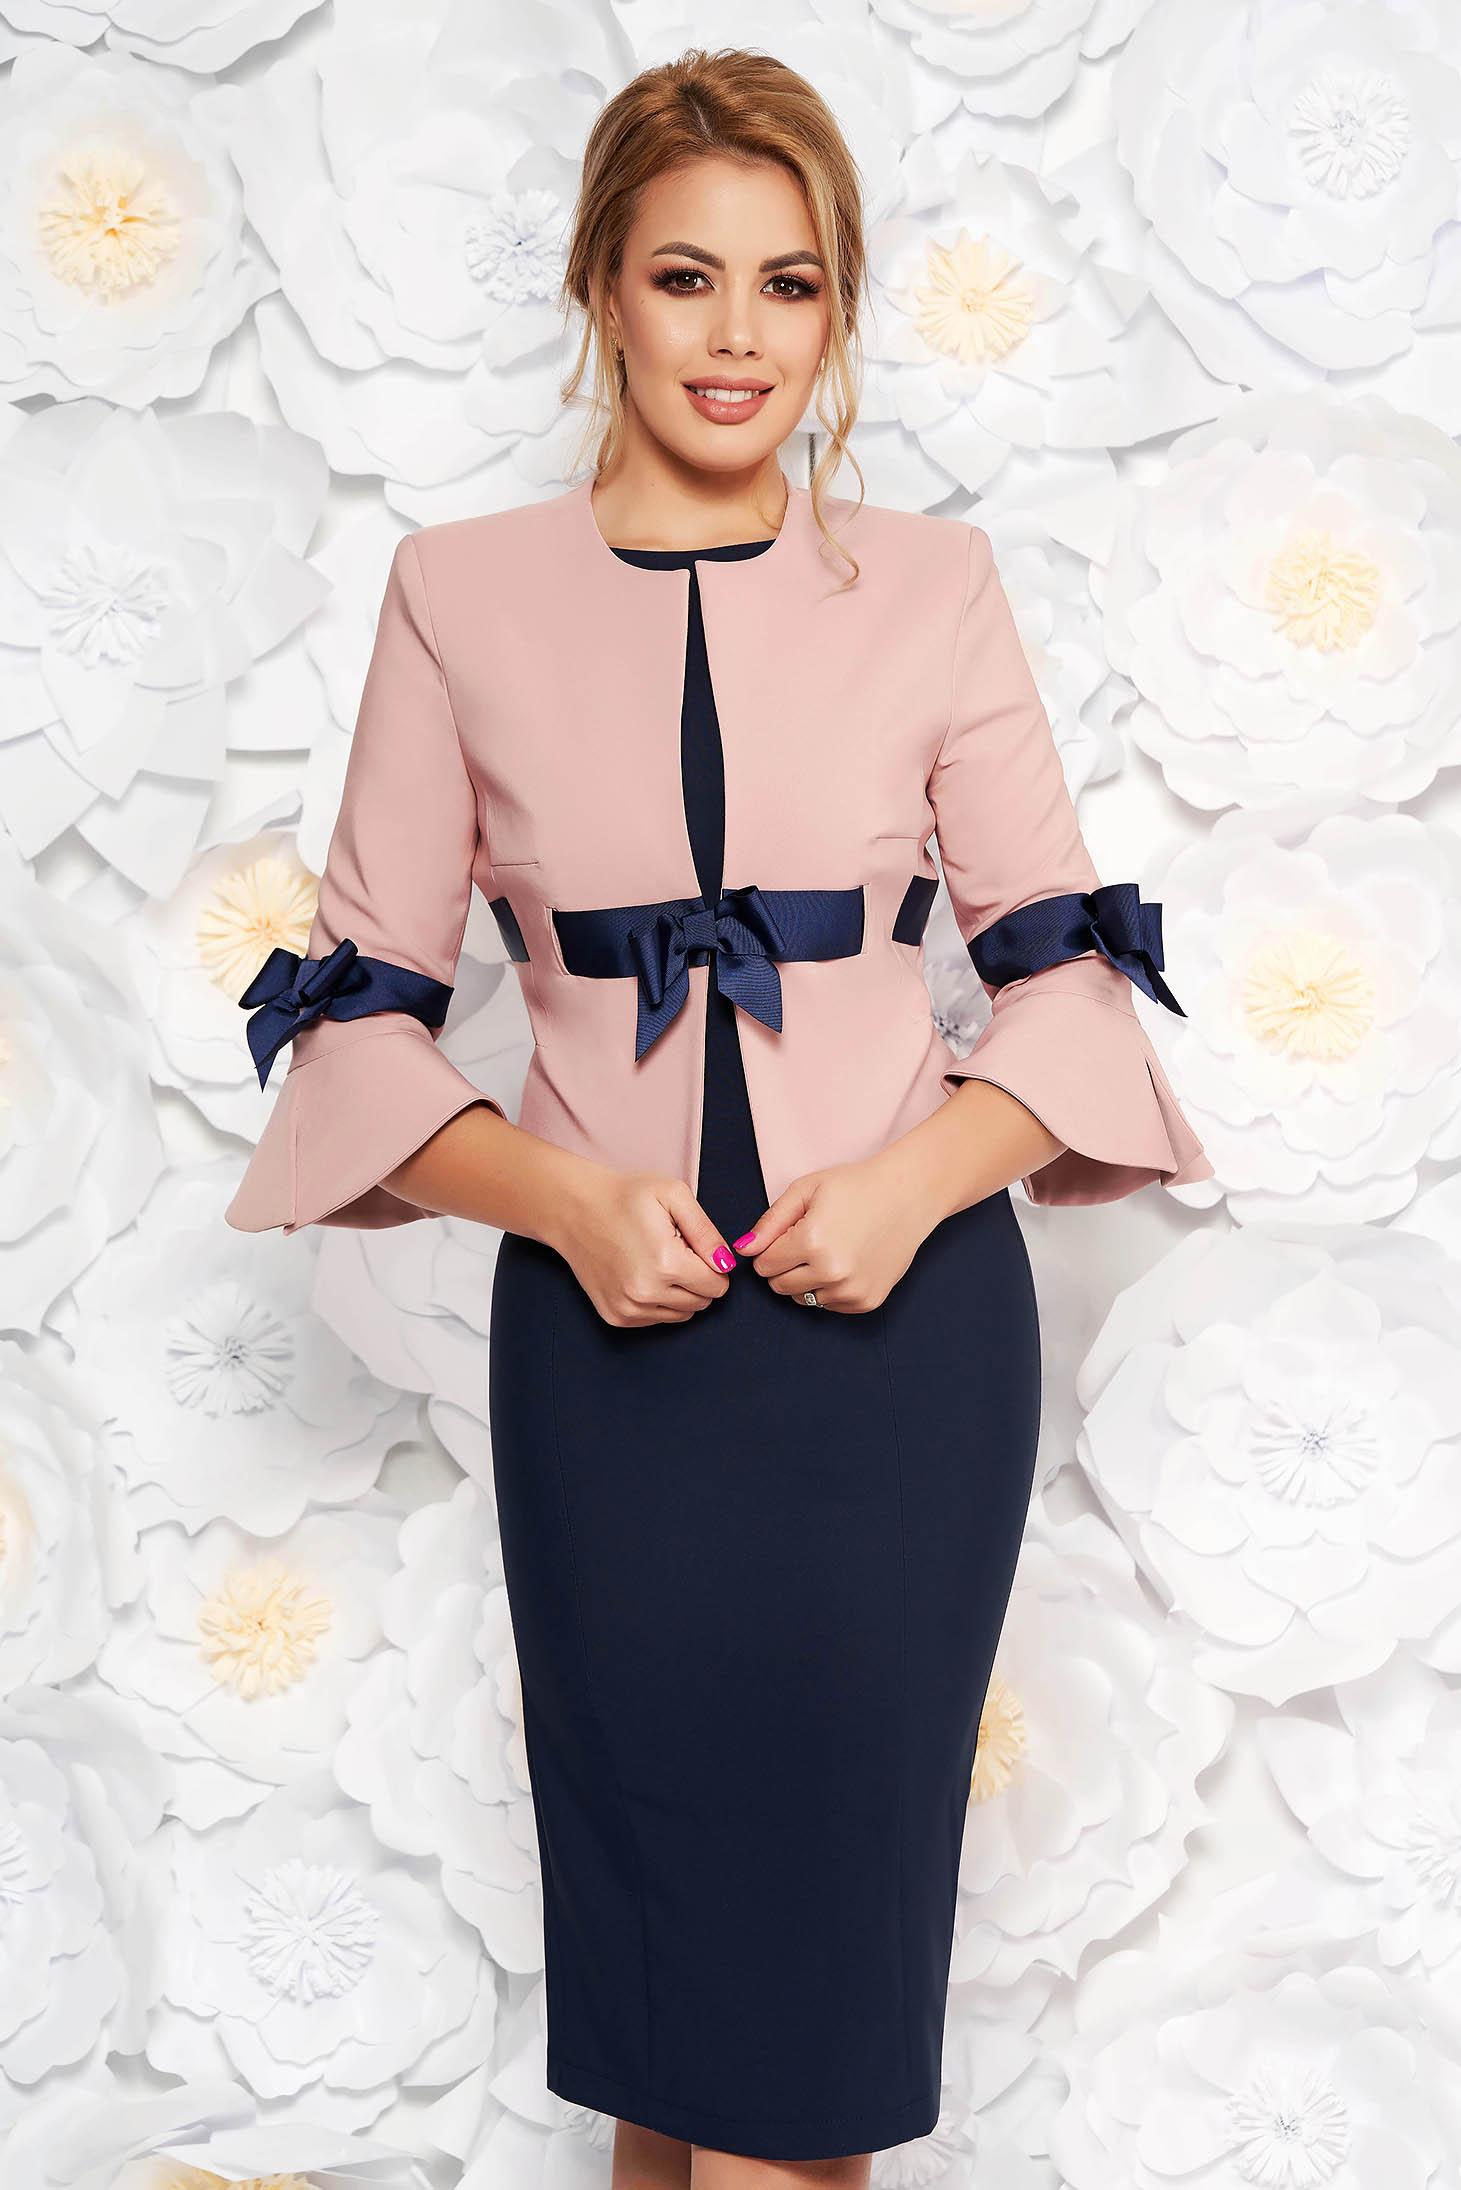 d40a0c7861 Rózsaszínű LaDonna elegáns női kosztüm szövettel harang ujjakkal